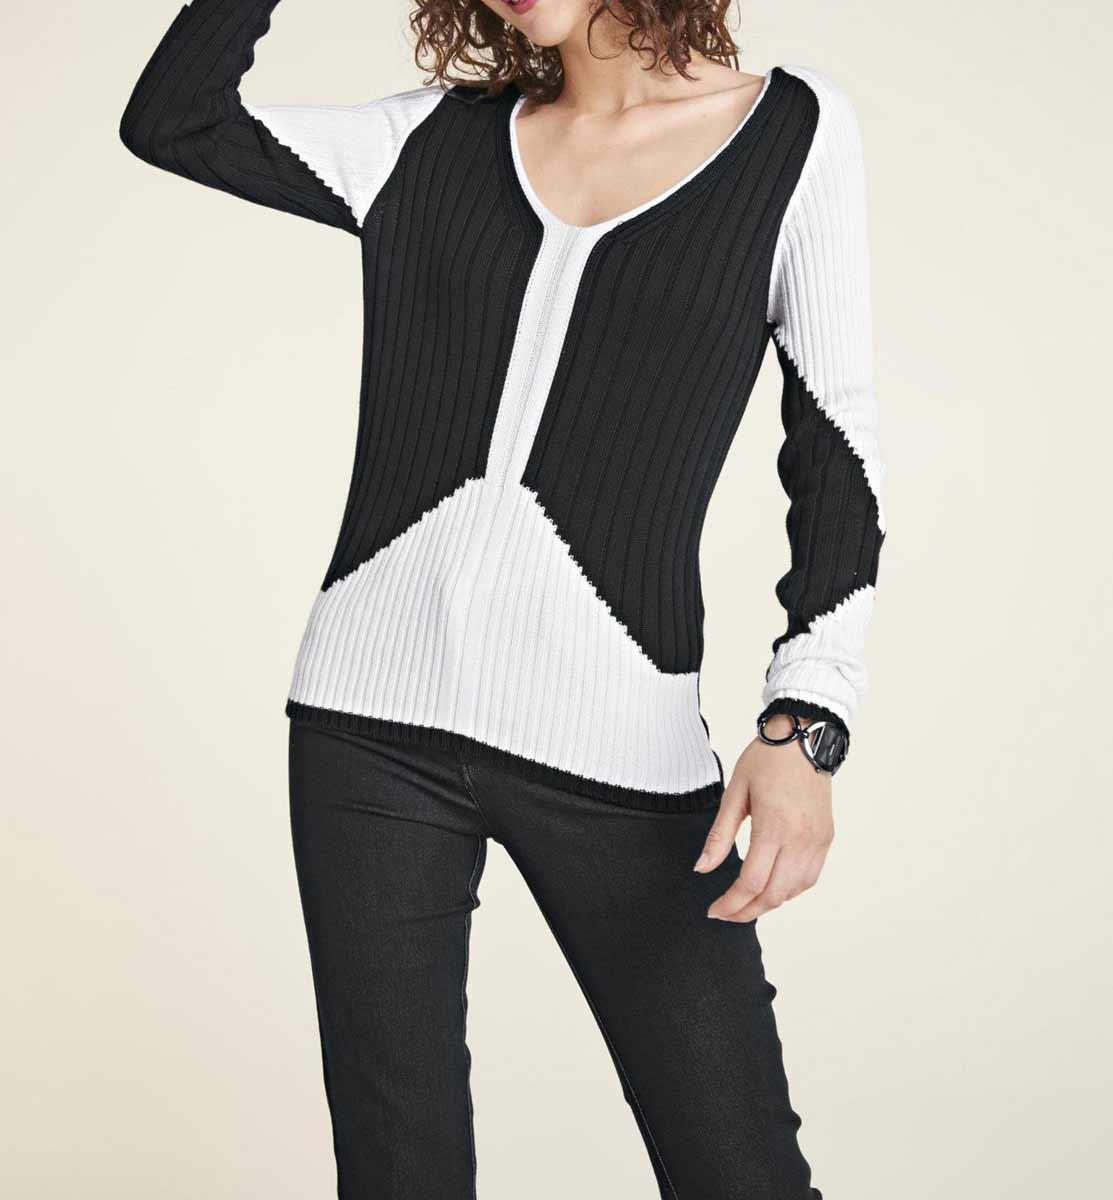 786.872 ASHLEY BROOKE Damen Designer-Rippenstrickpullover Schwarz-Weiß